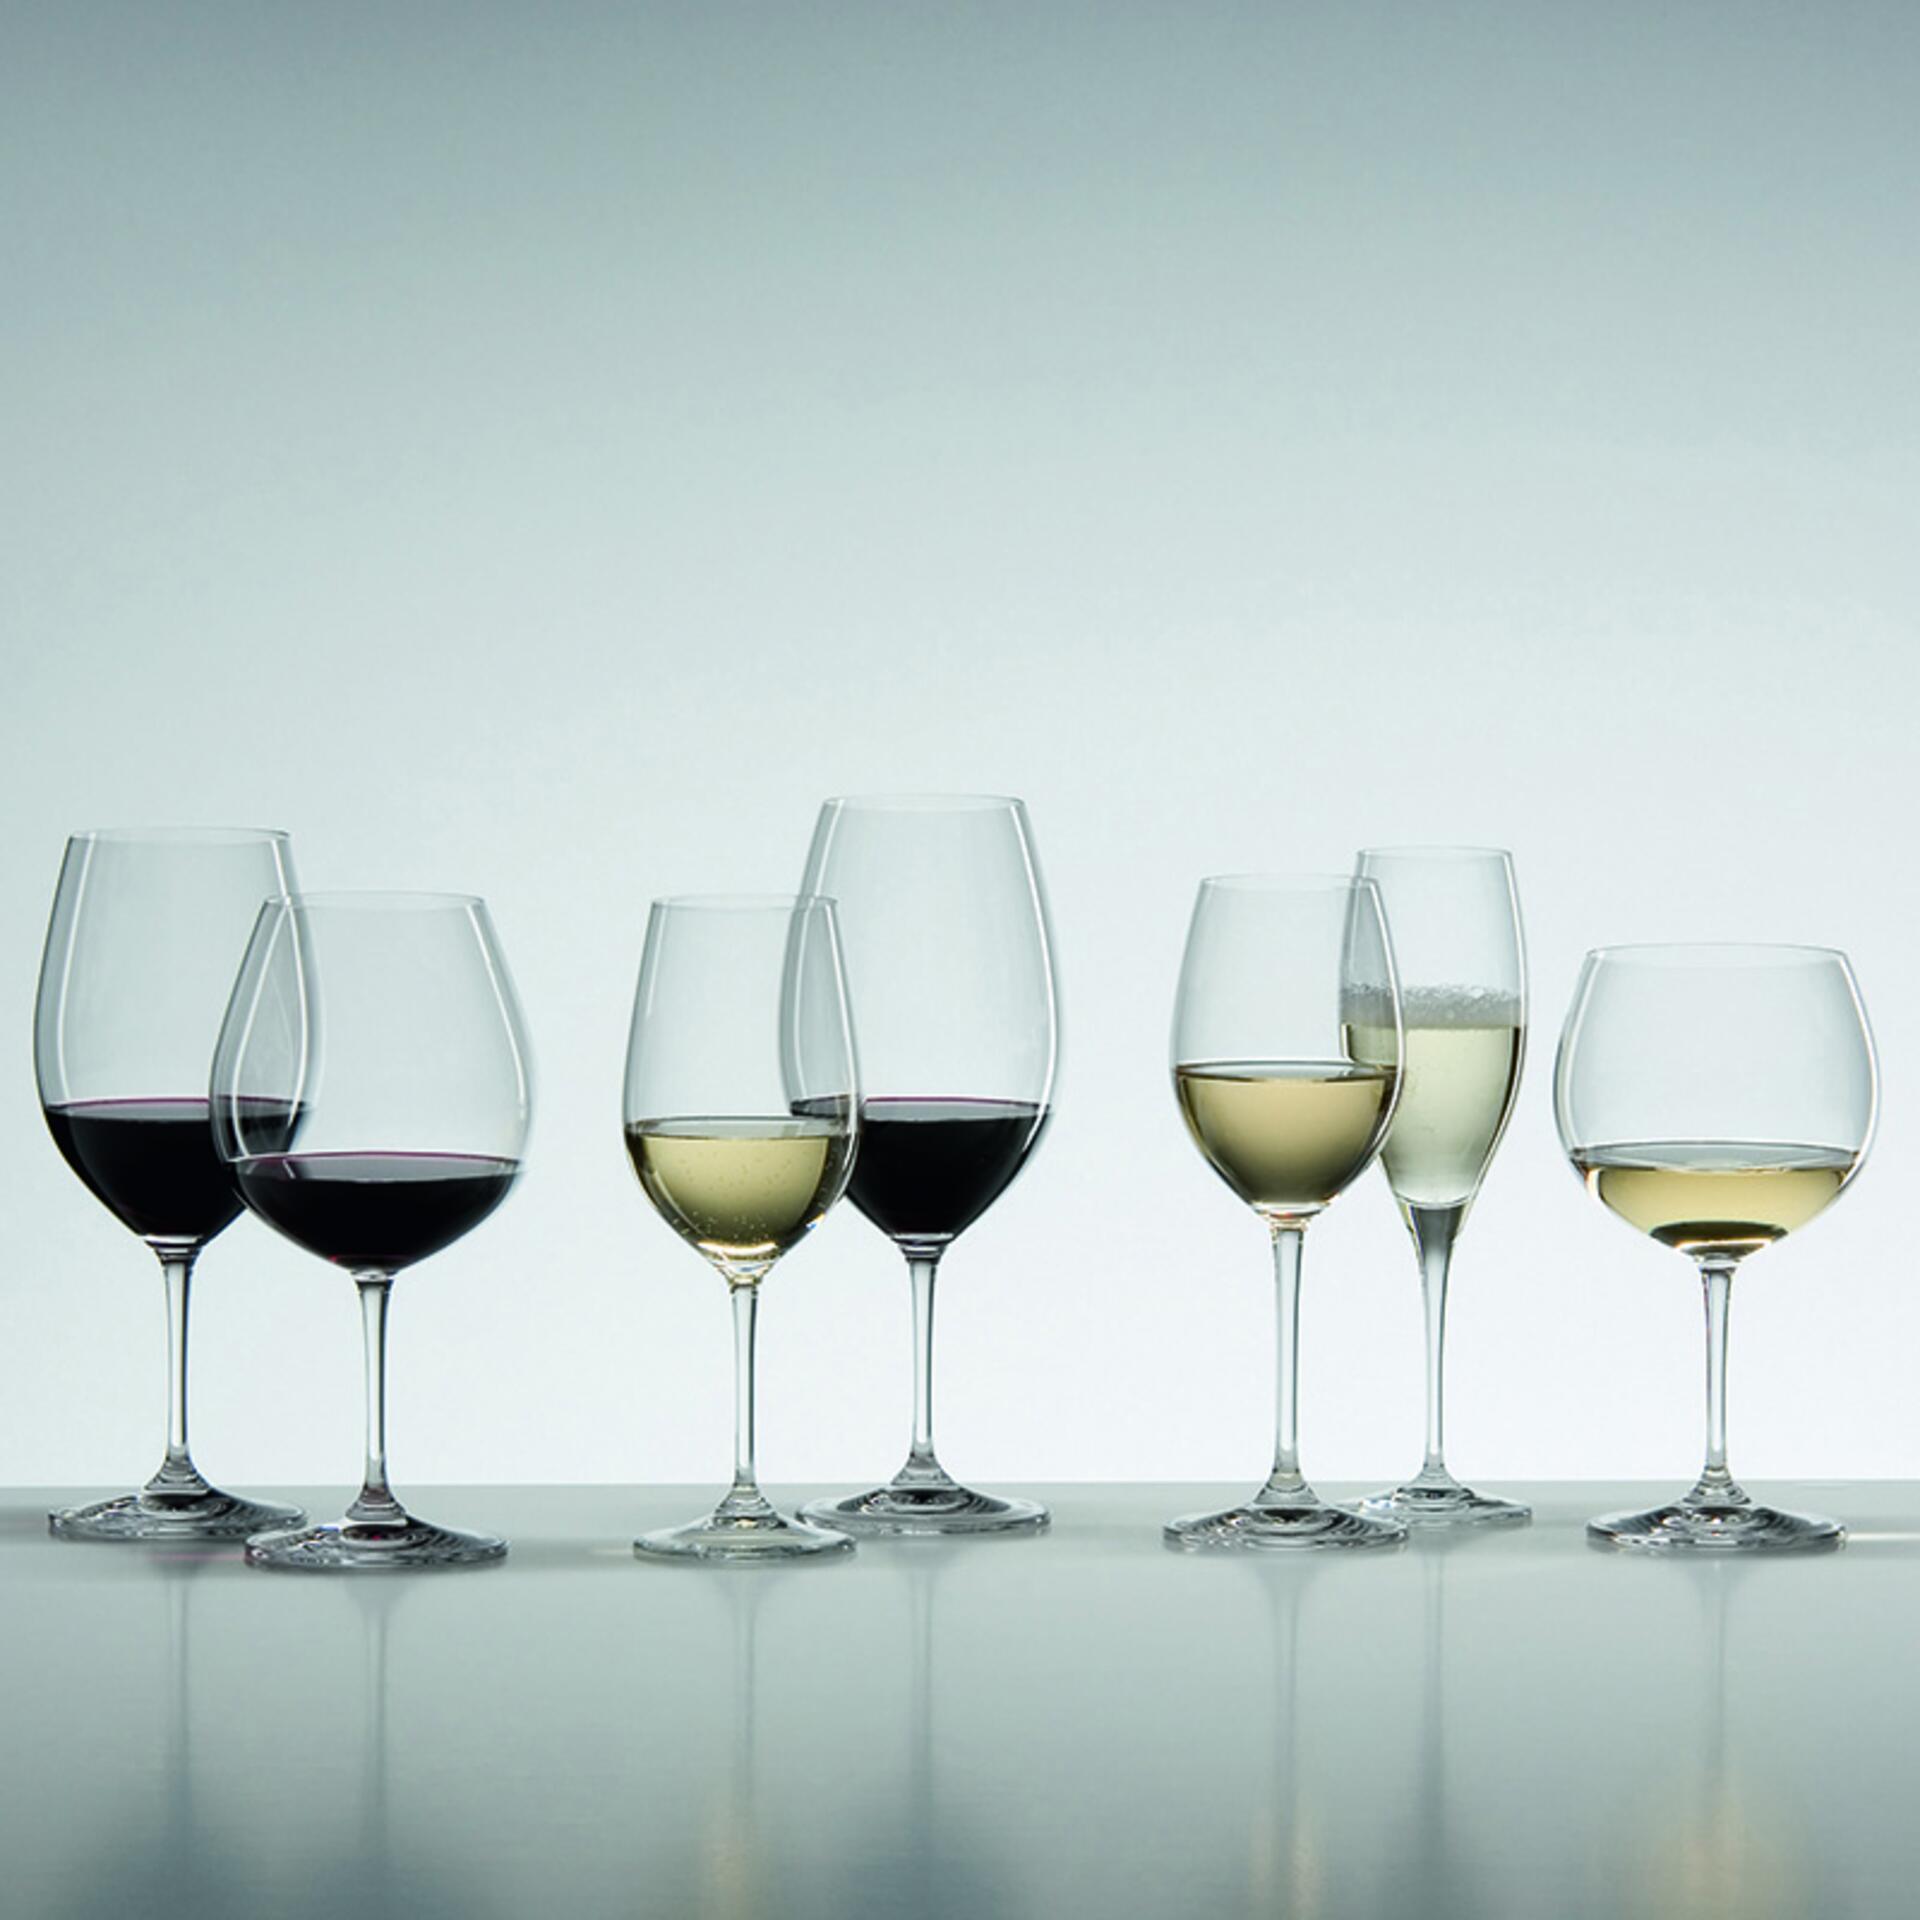 Riedel Vinum Weißweinglas Chardonnay / Viognier (Chablis) 2 Stück 6416/05